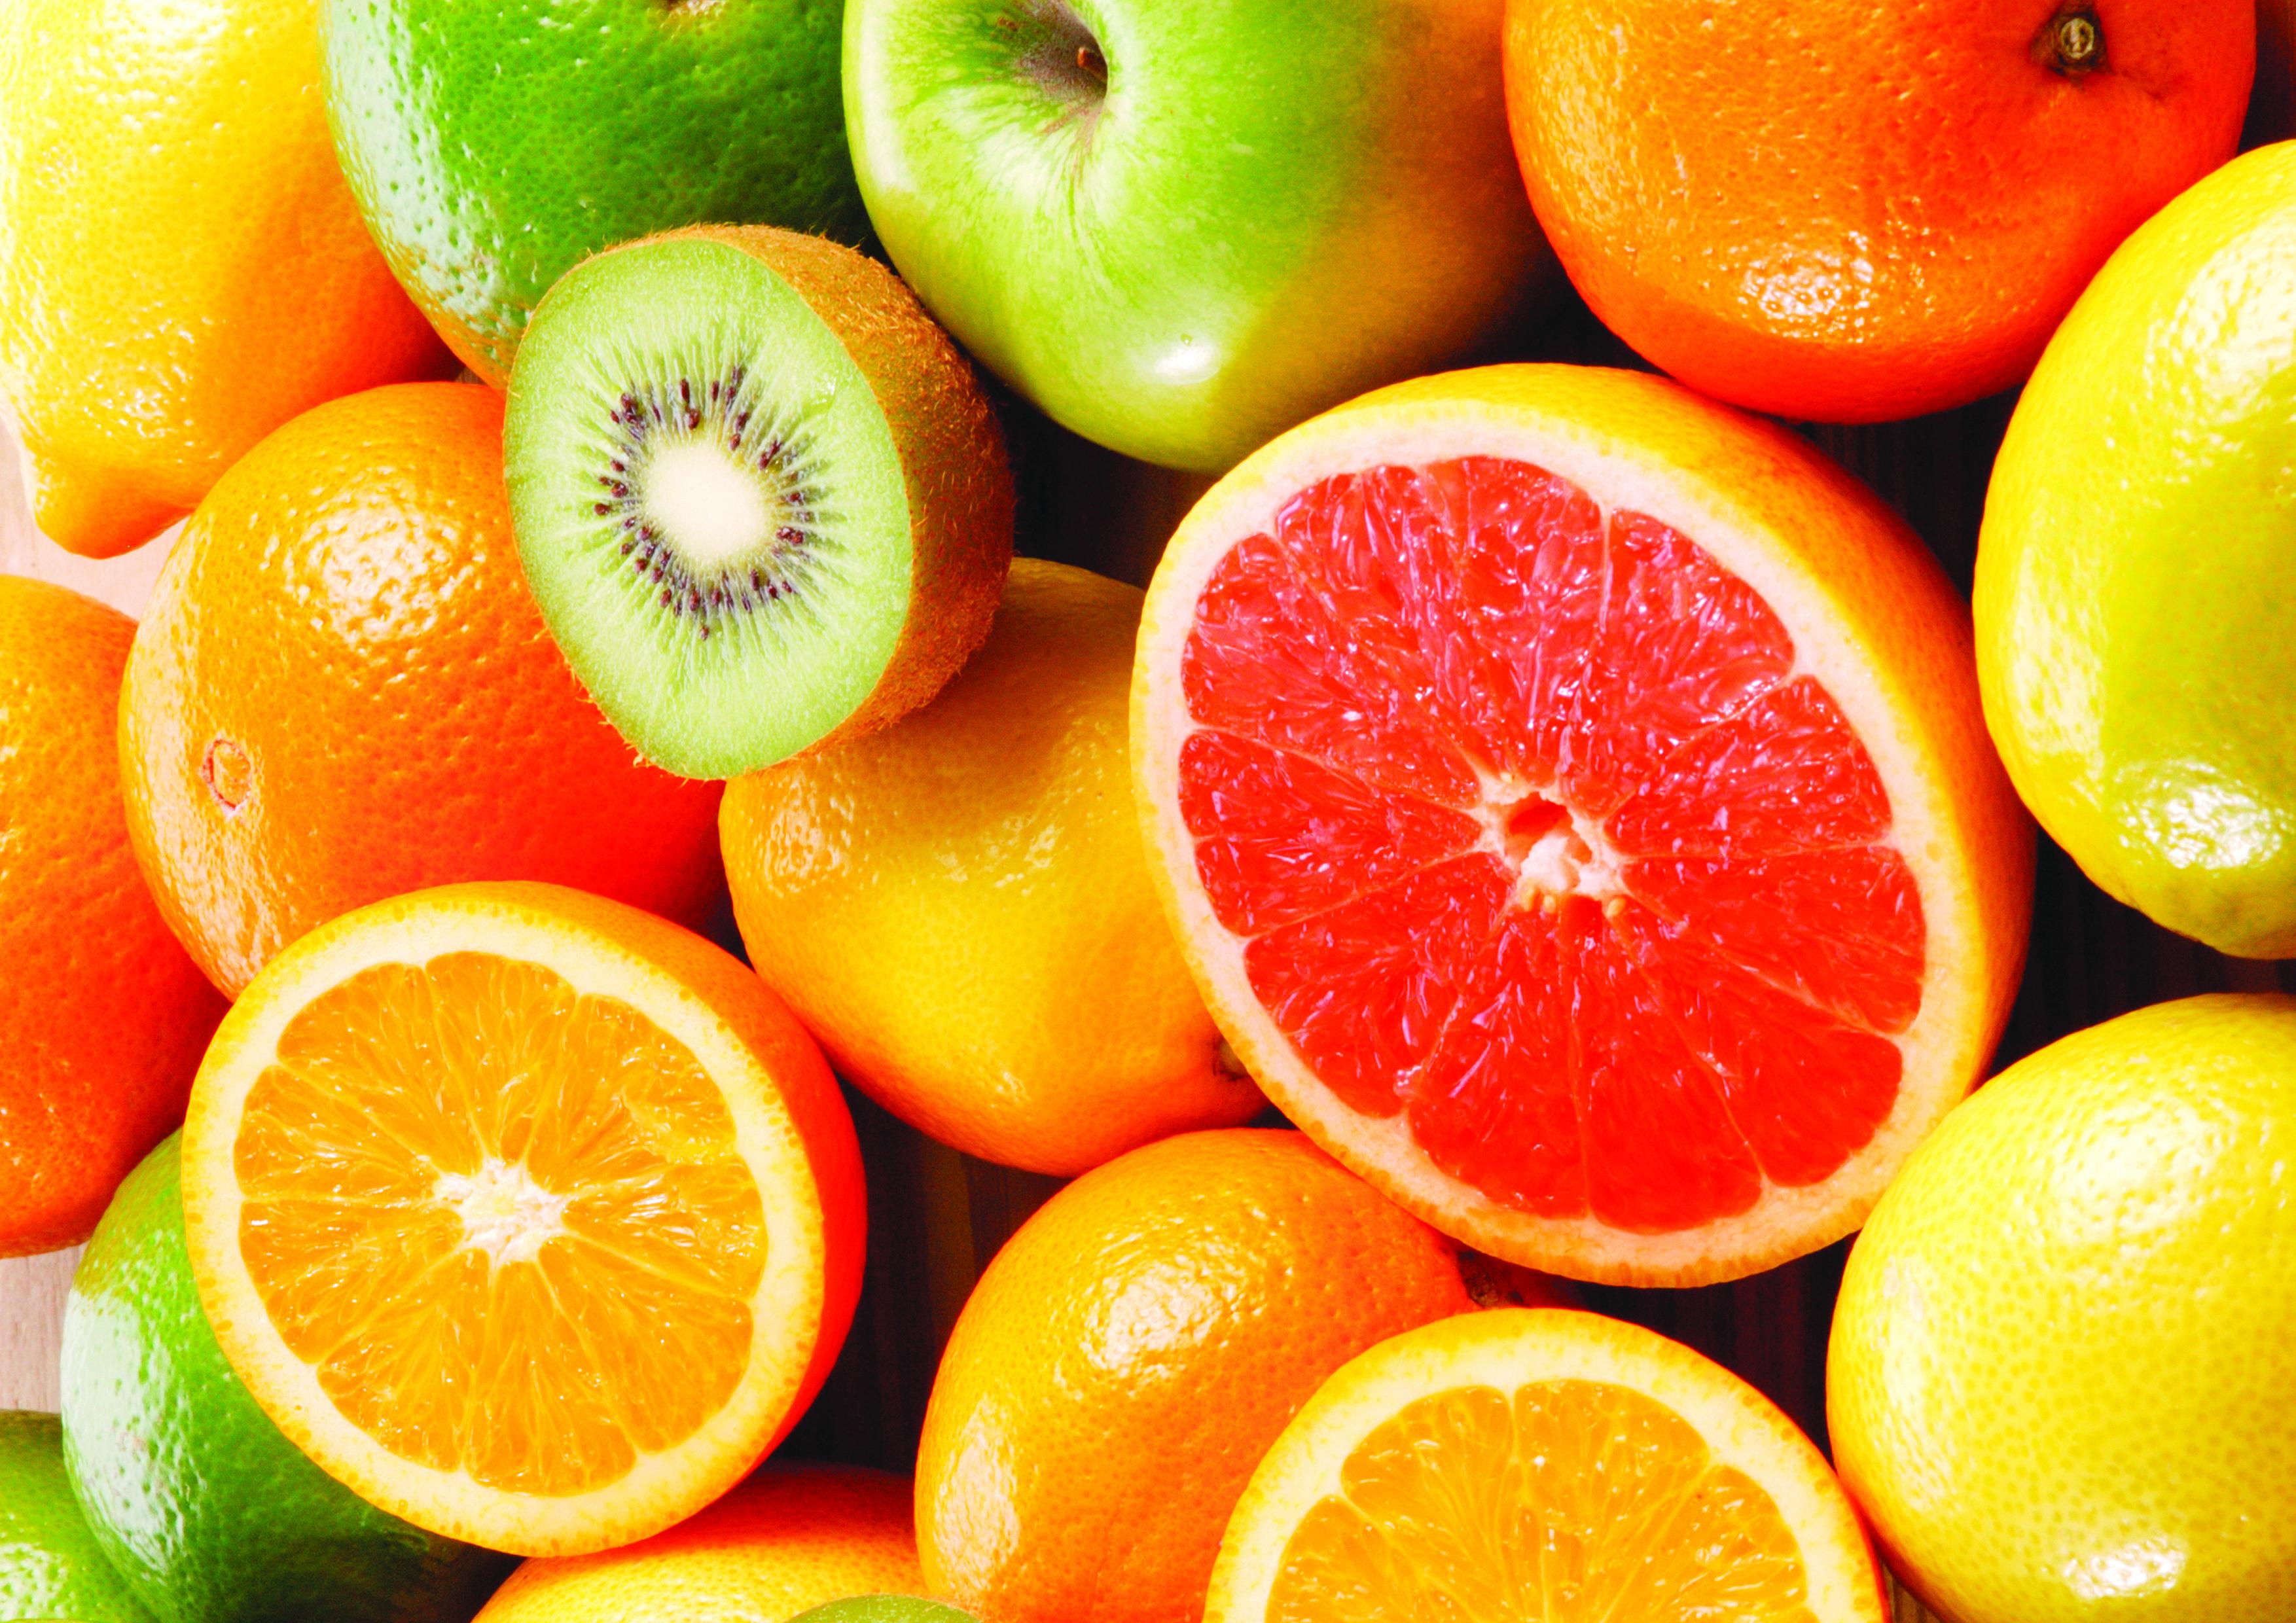 kiwis y naranjas